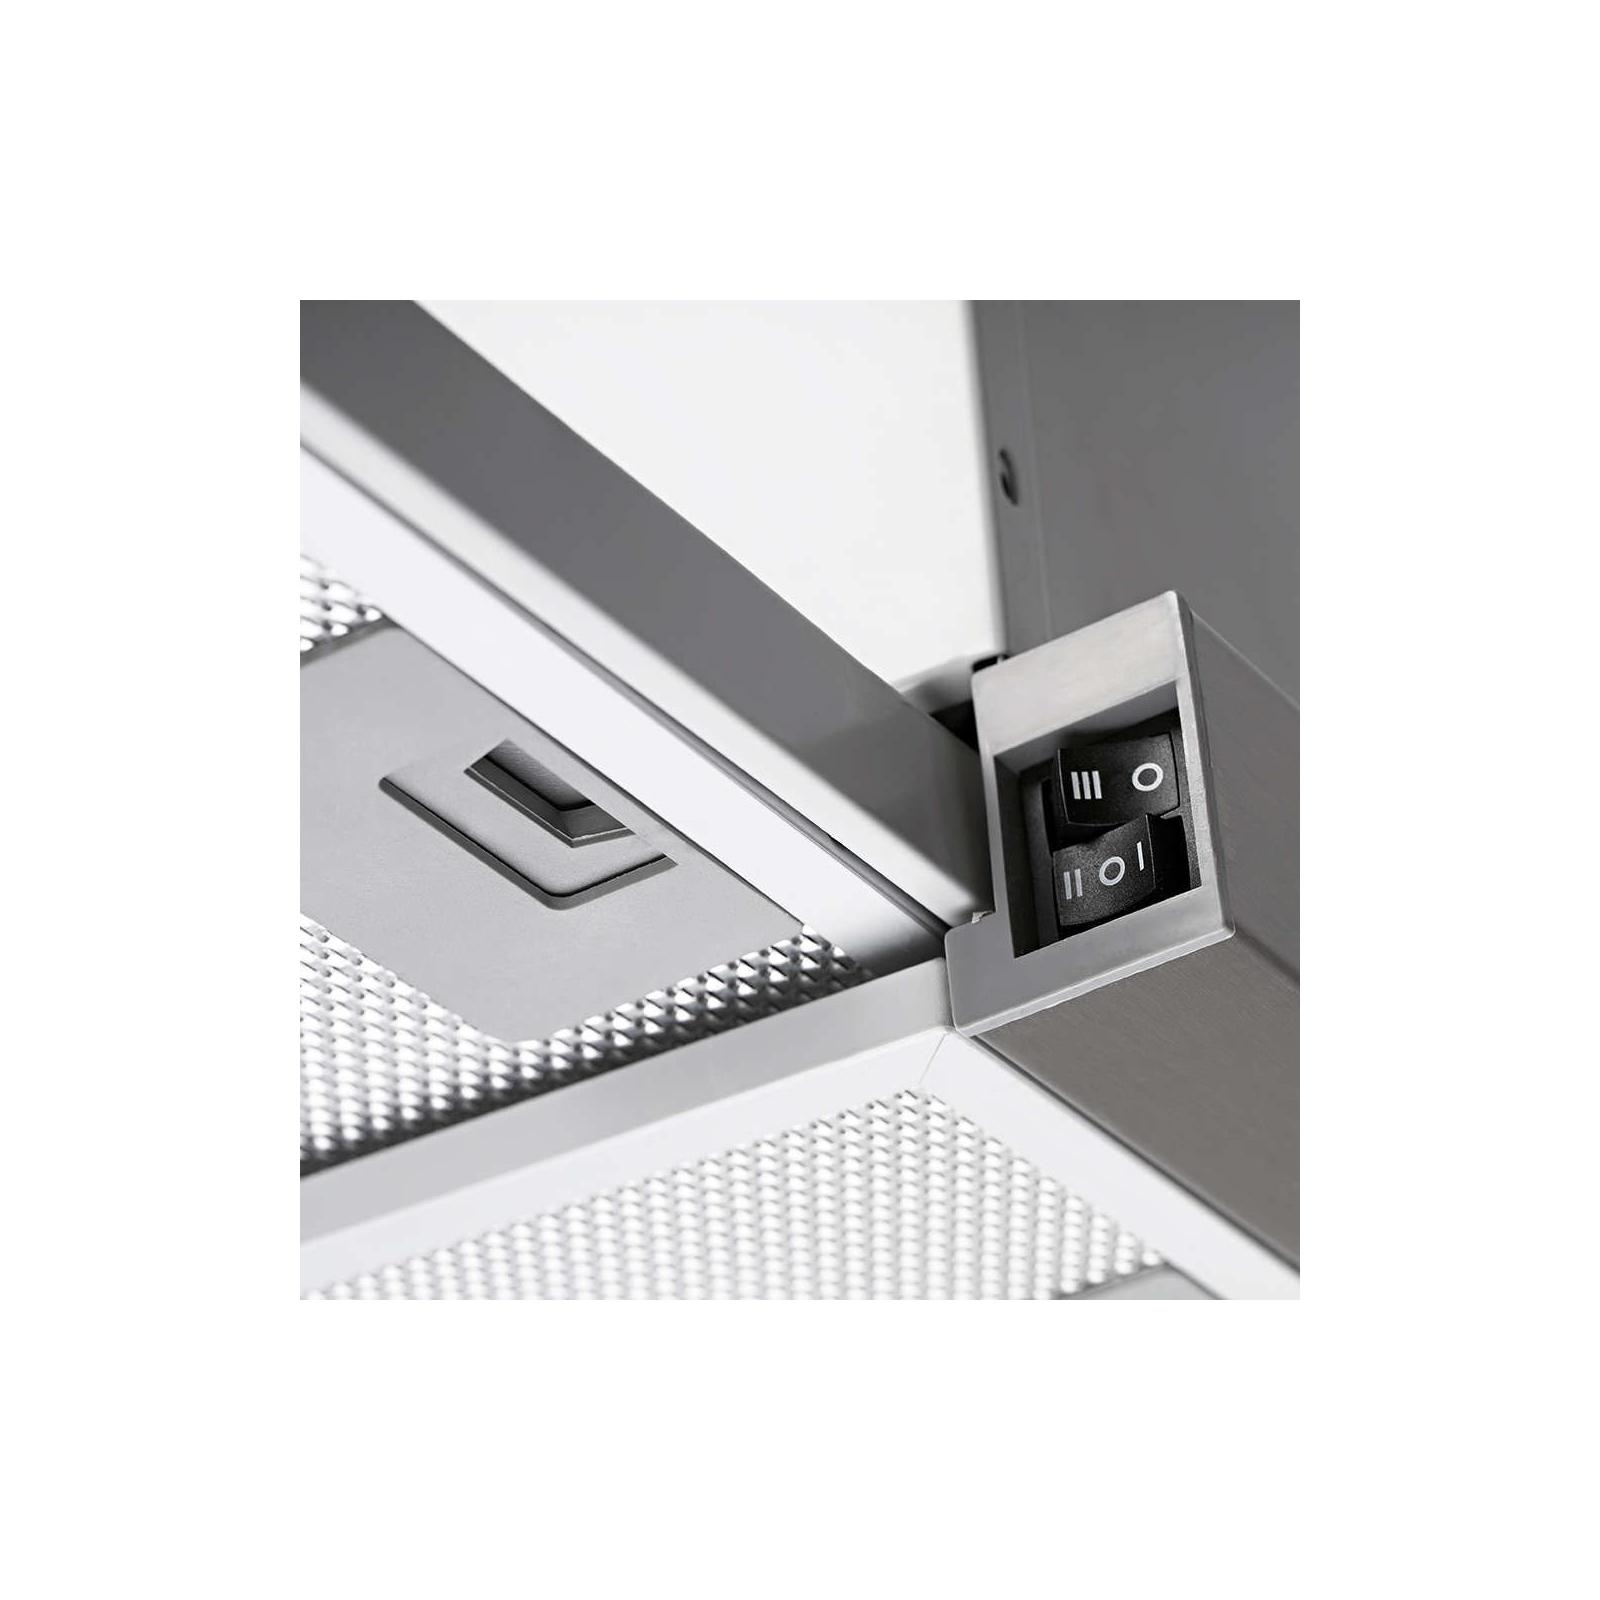 Вытяжка кухонная PYRAMIDA TL FULL GLASS 60 (1100) INOX BL/U изображение 4